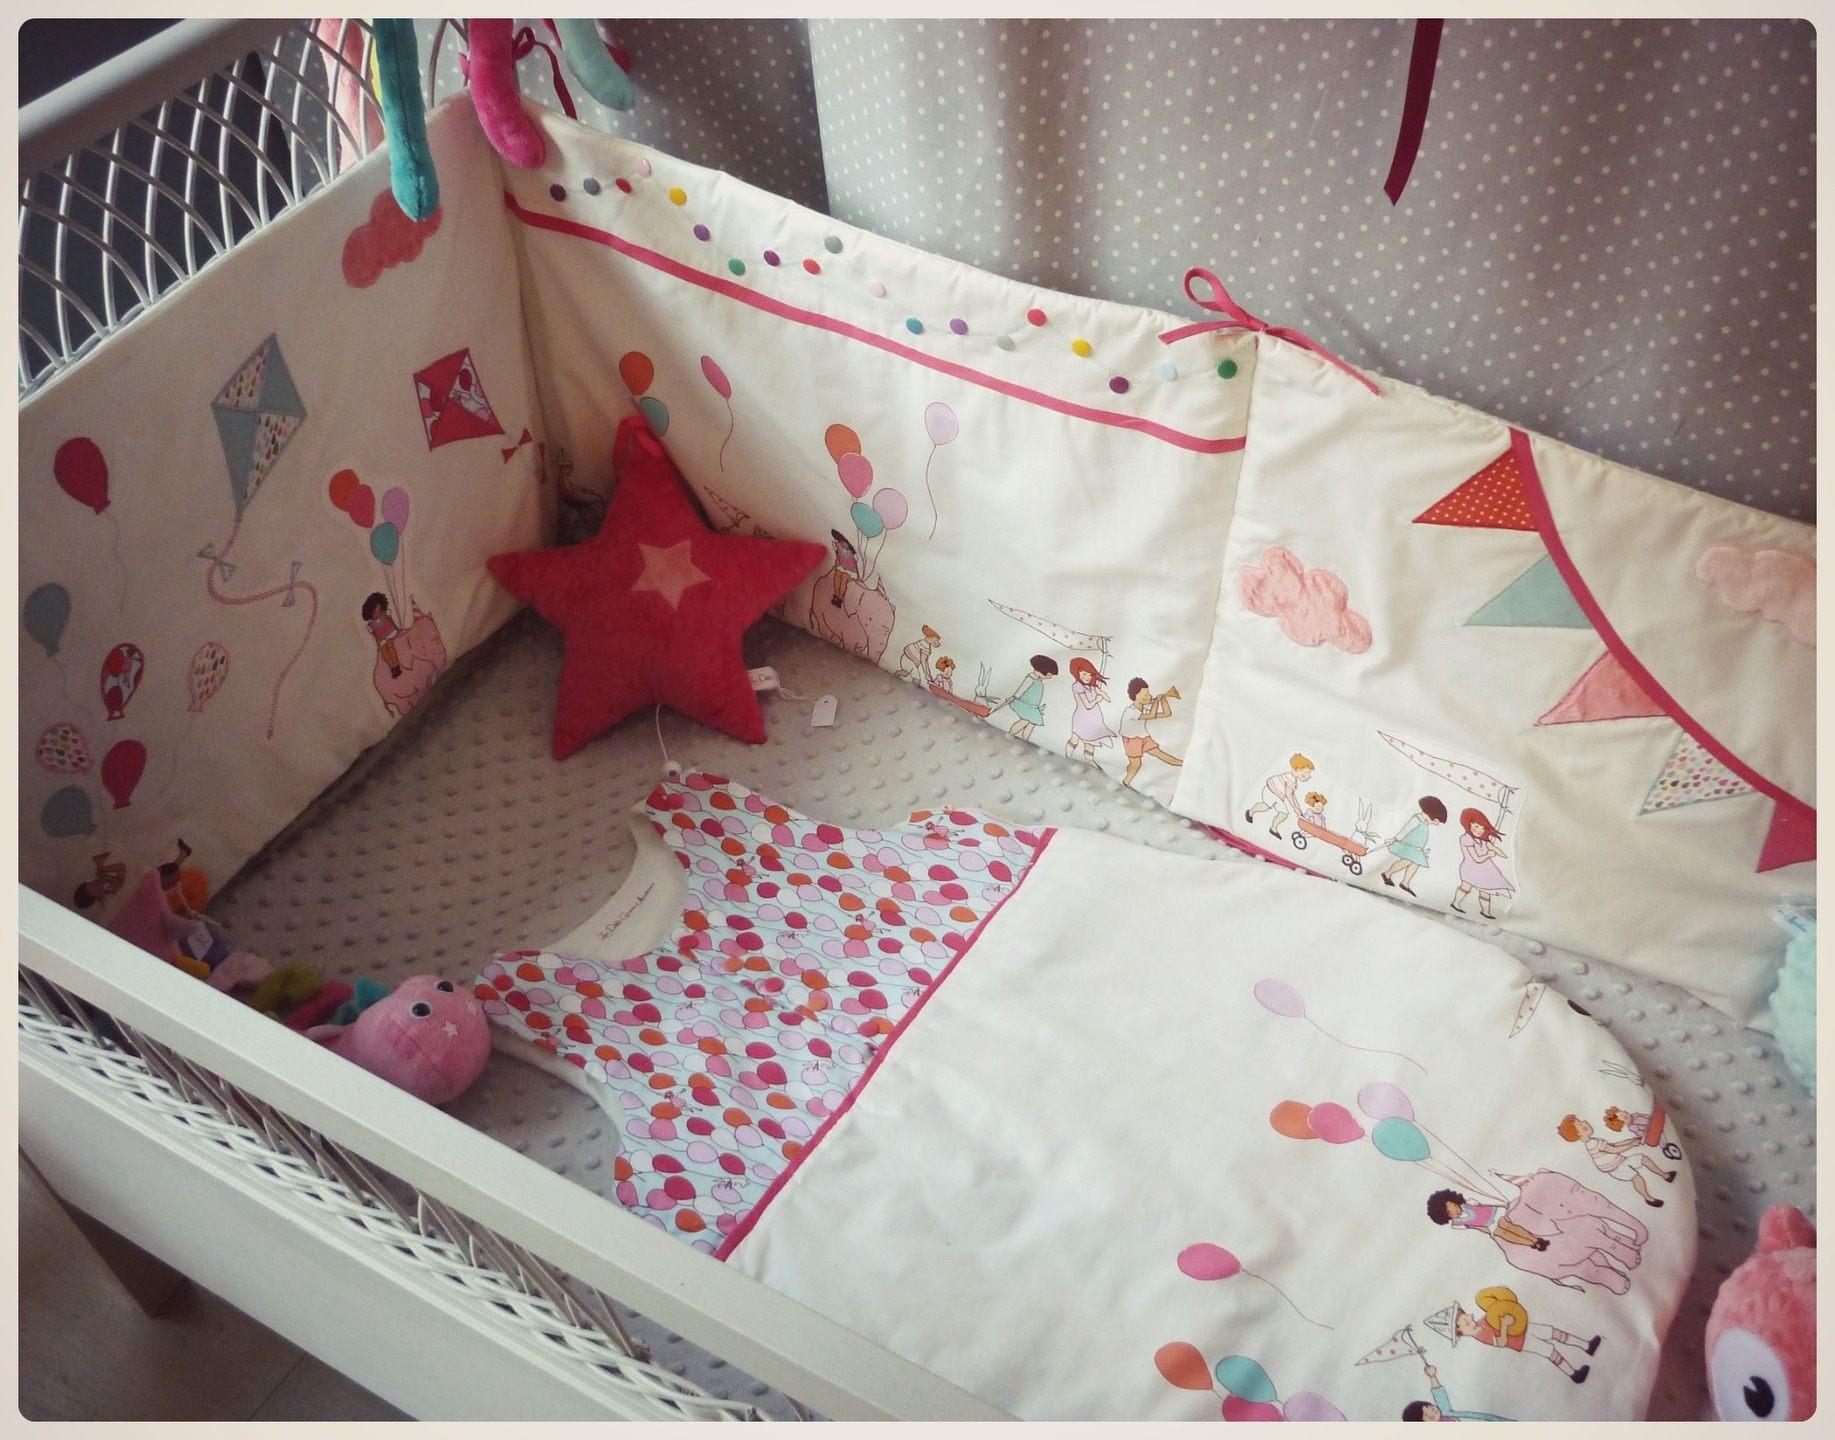 Tour De Lit Fille Unique Parure Lit Enfant Fille Linge De Lit Alinea Maison Design Apsip